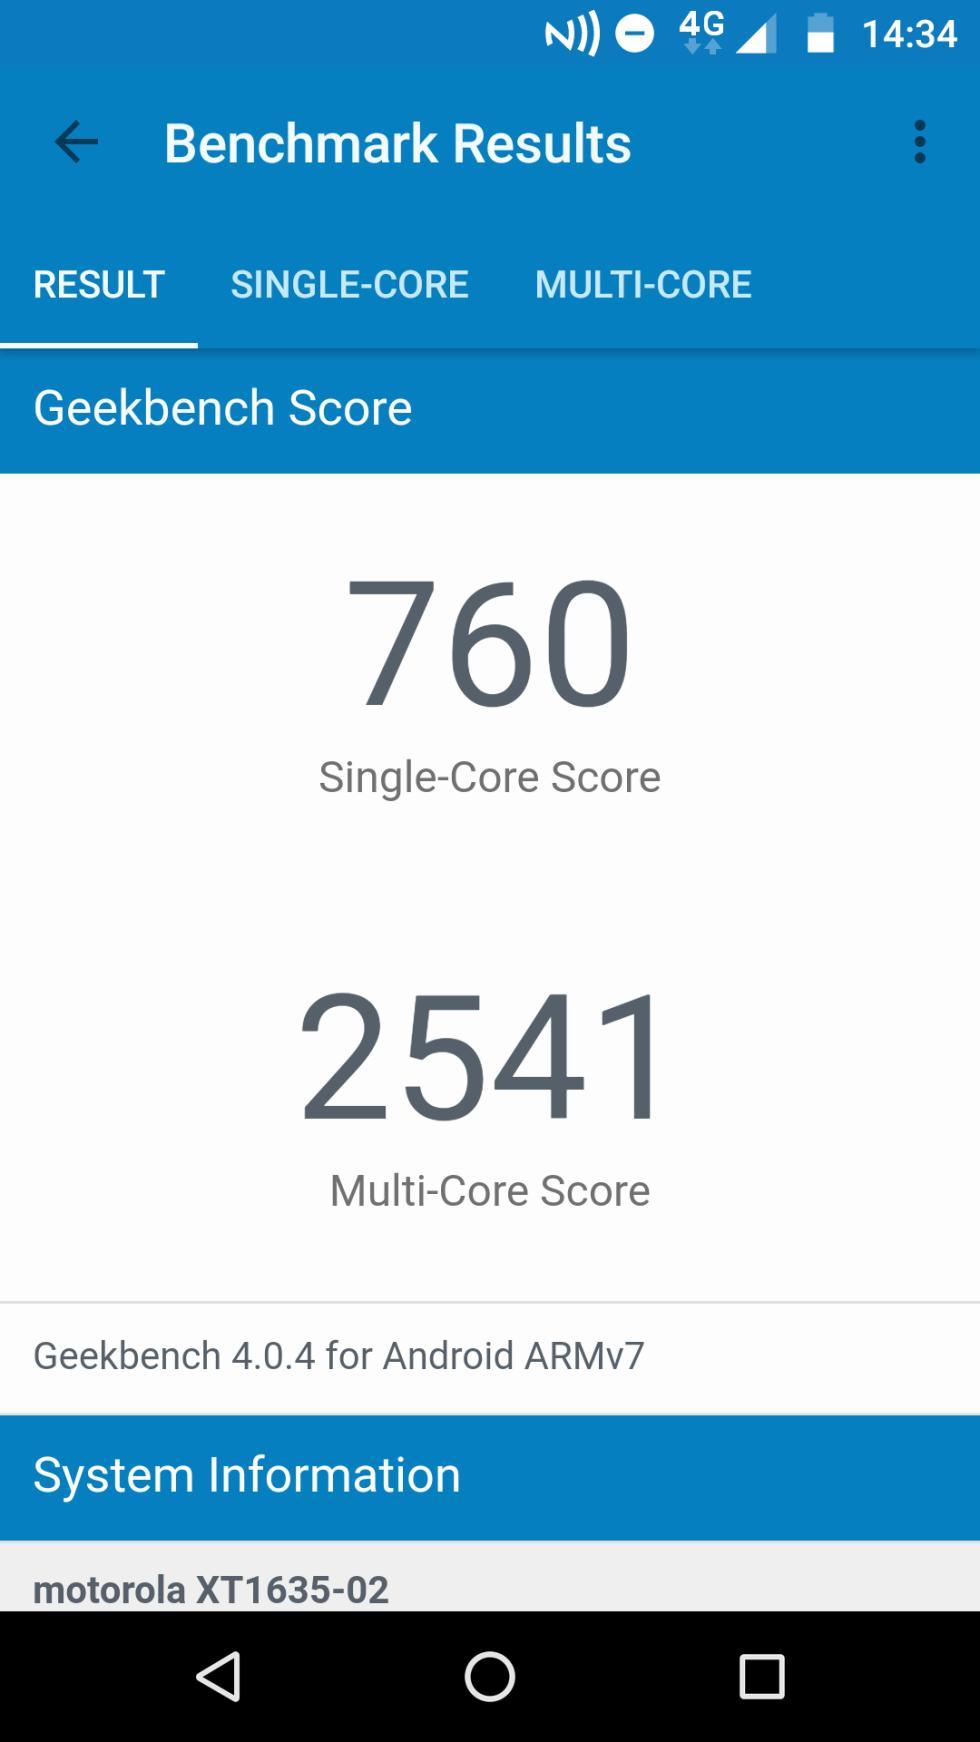 Los resultados del Lenovo Moto Z Play en la aplicación de GeekBench 4